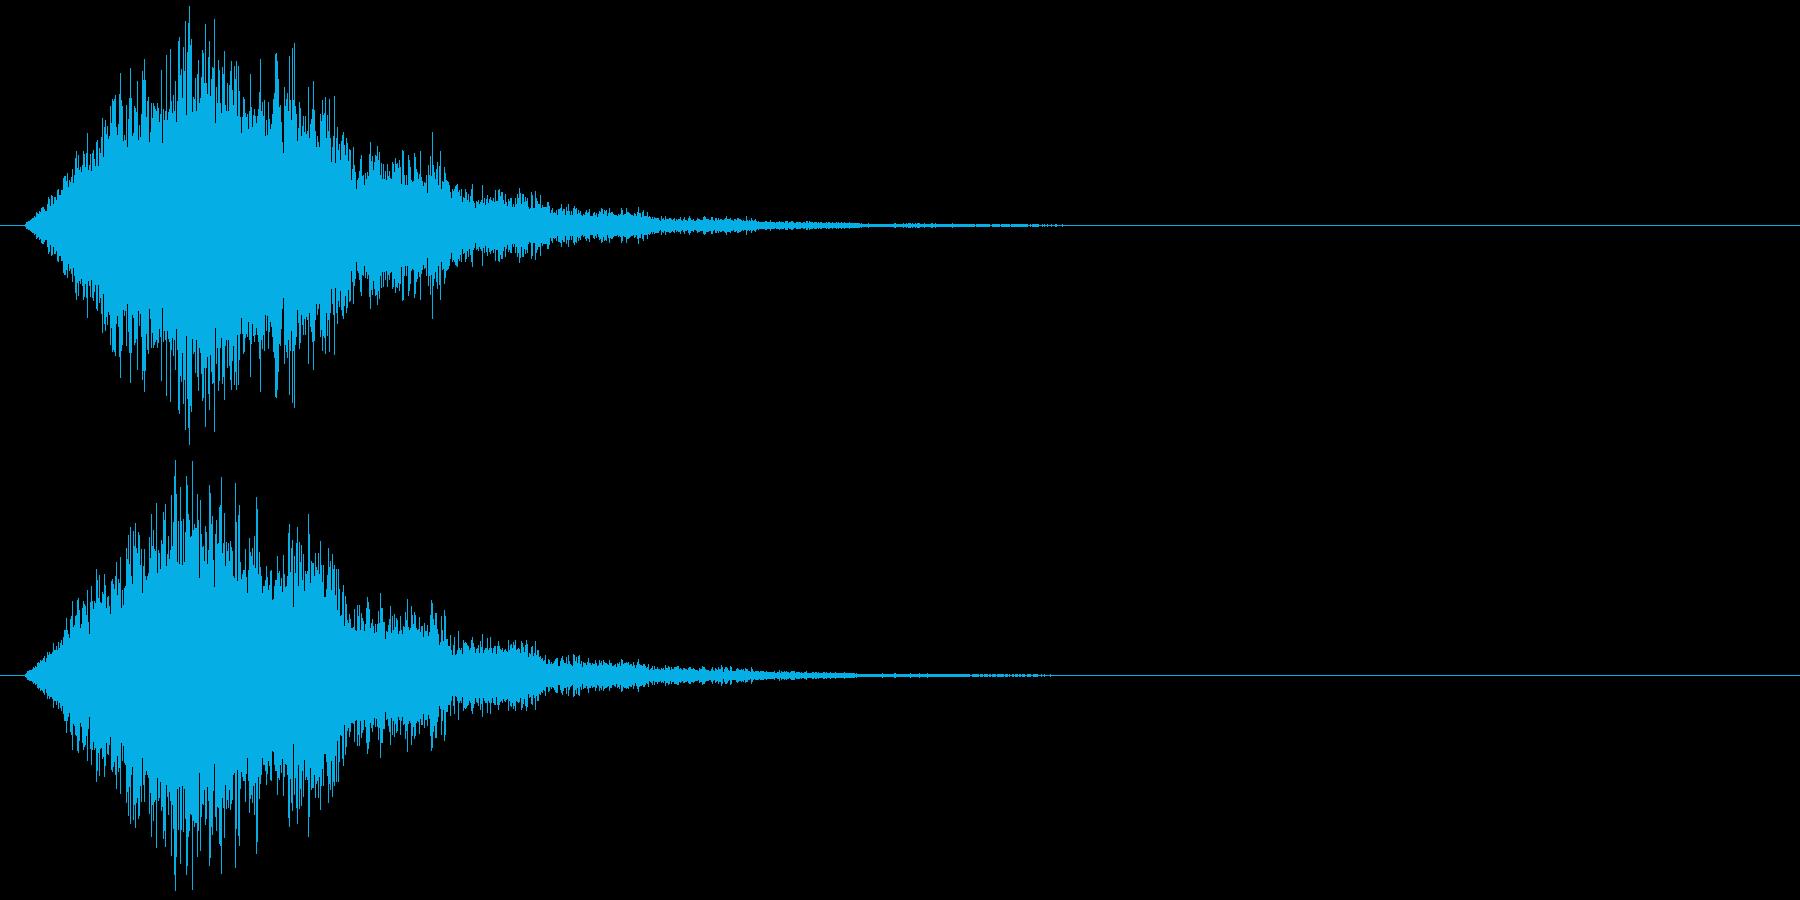 竜巻魔法の再生済みの波形